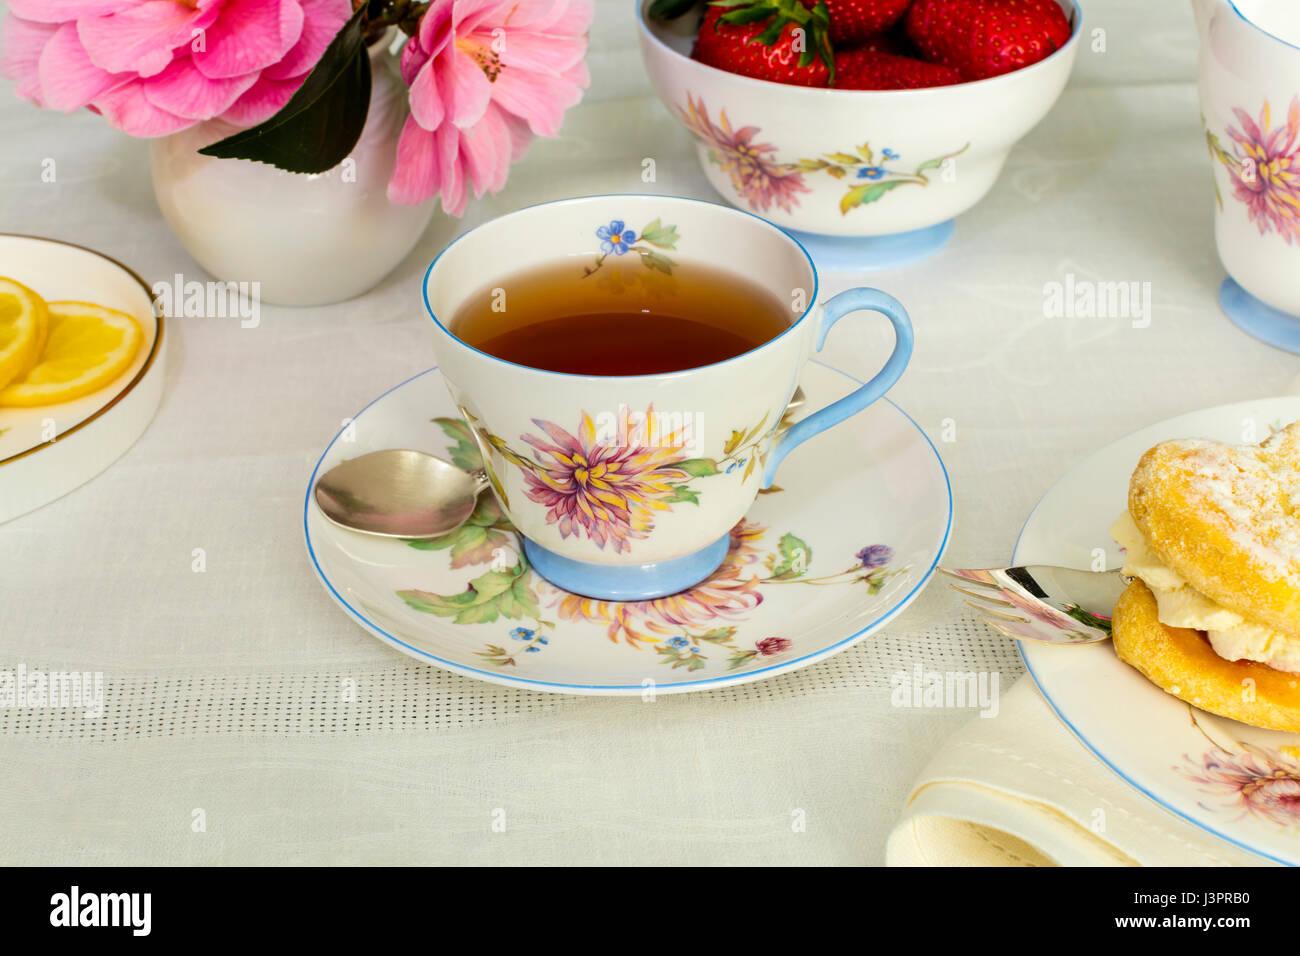 Tasse Tee in einem Vintage Porzellan Teetasse mit frischer Sahne Kuchen serviert. Stockbild